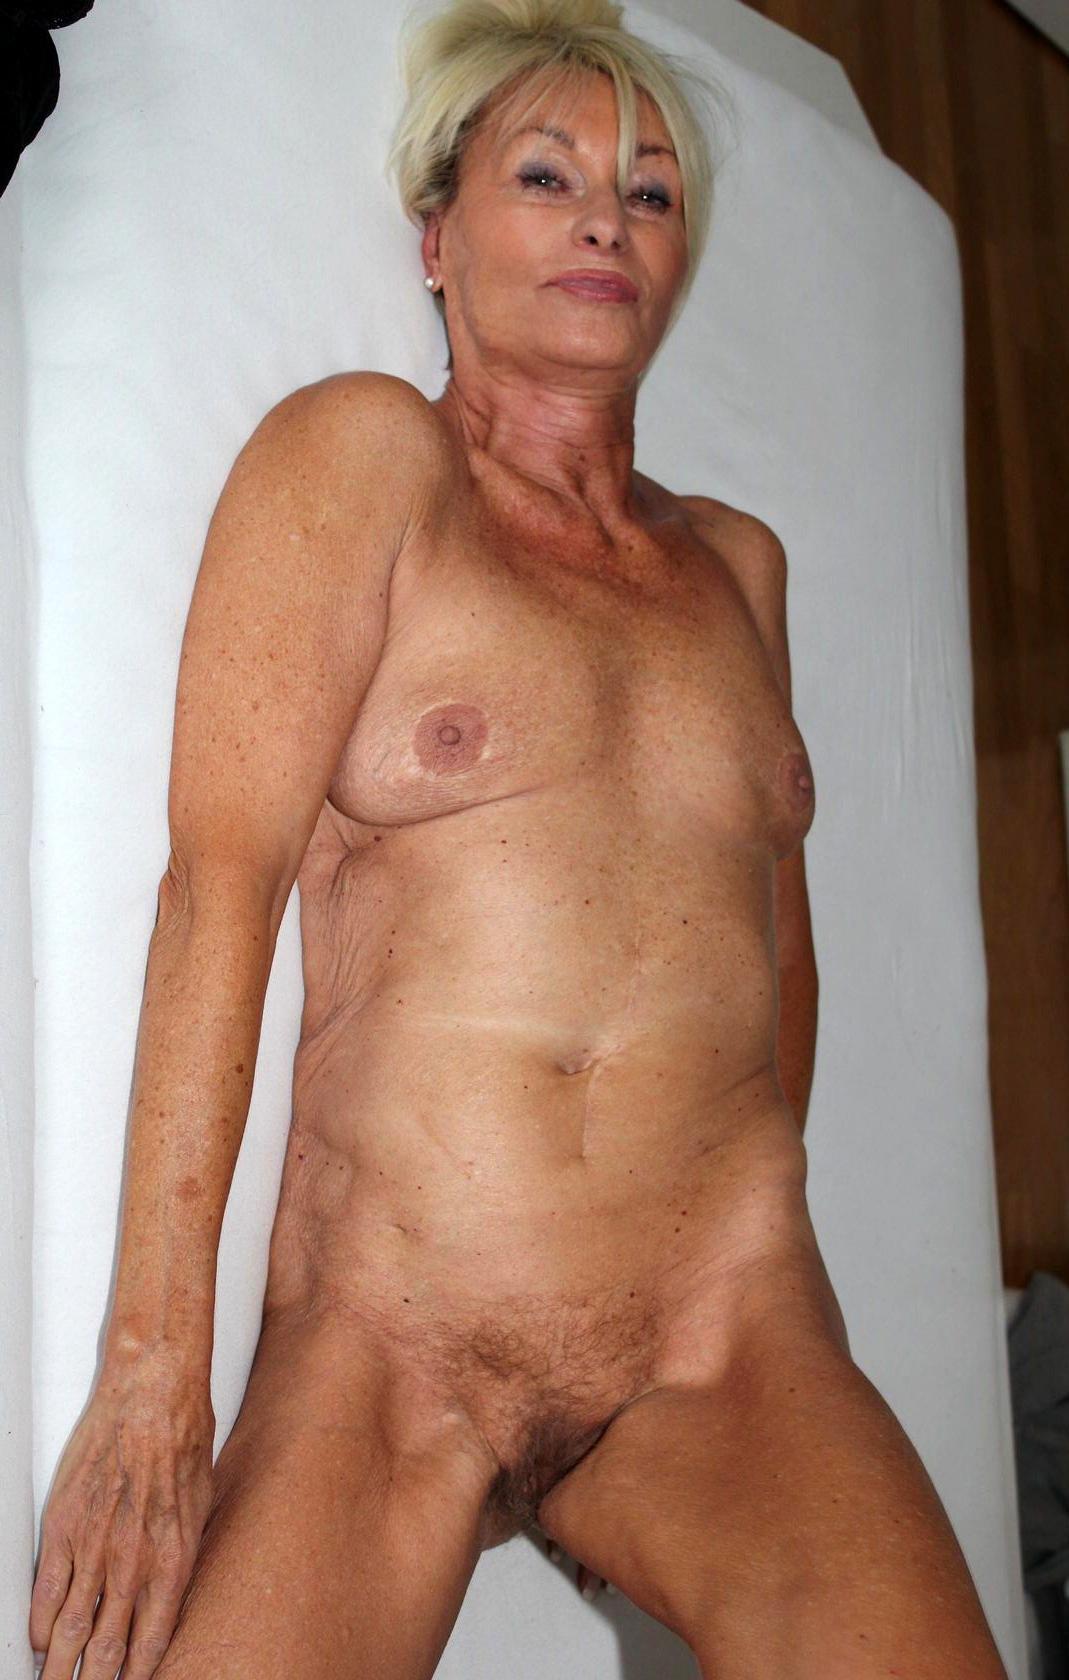 Xxx over 60 Granny Porn